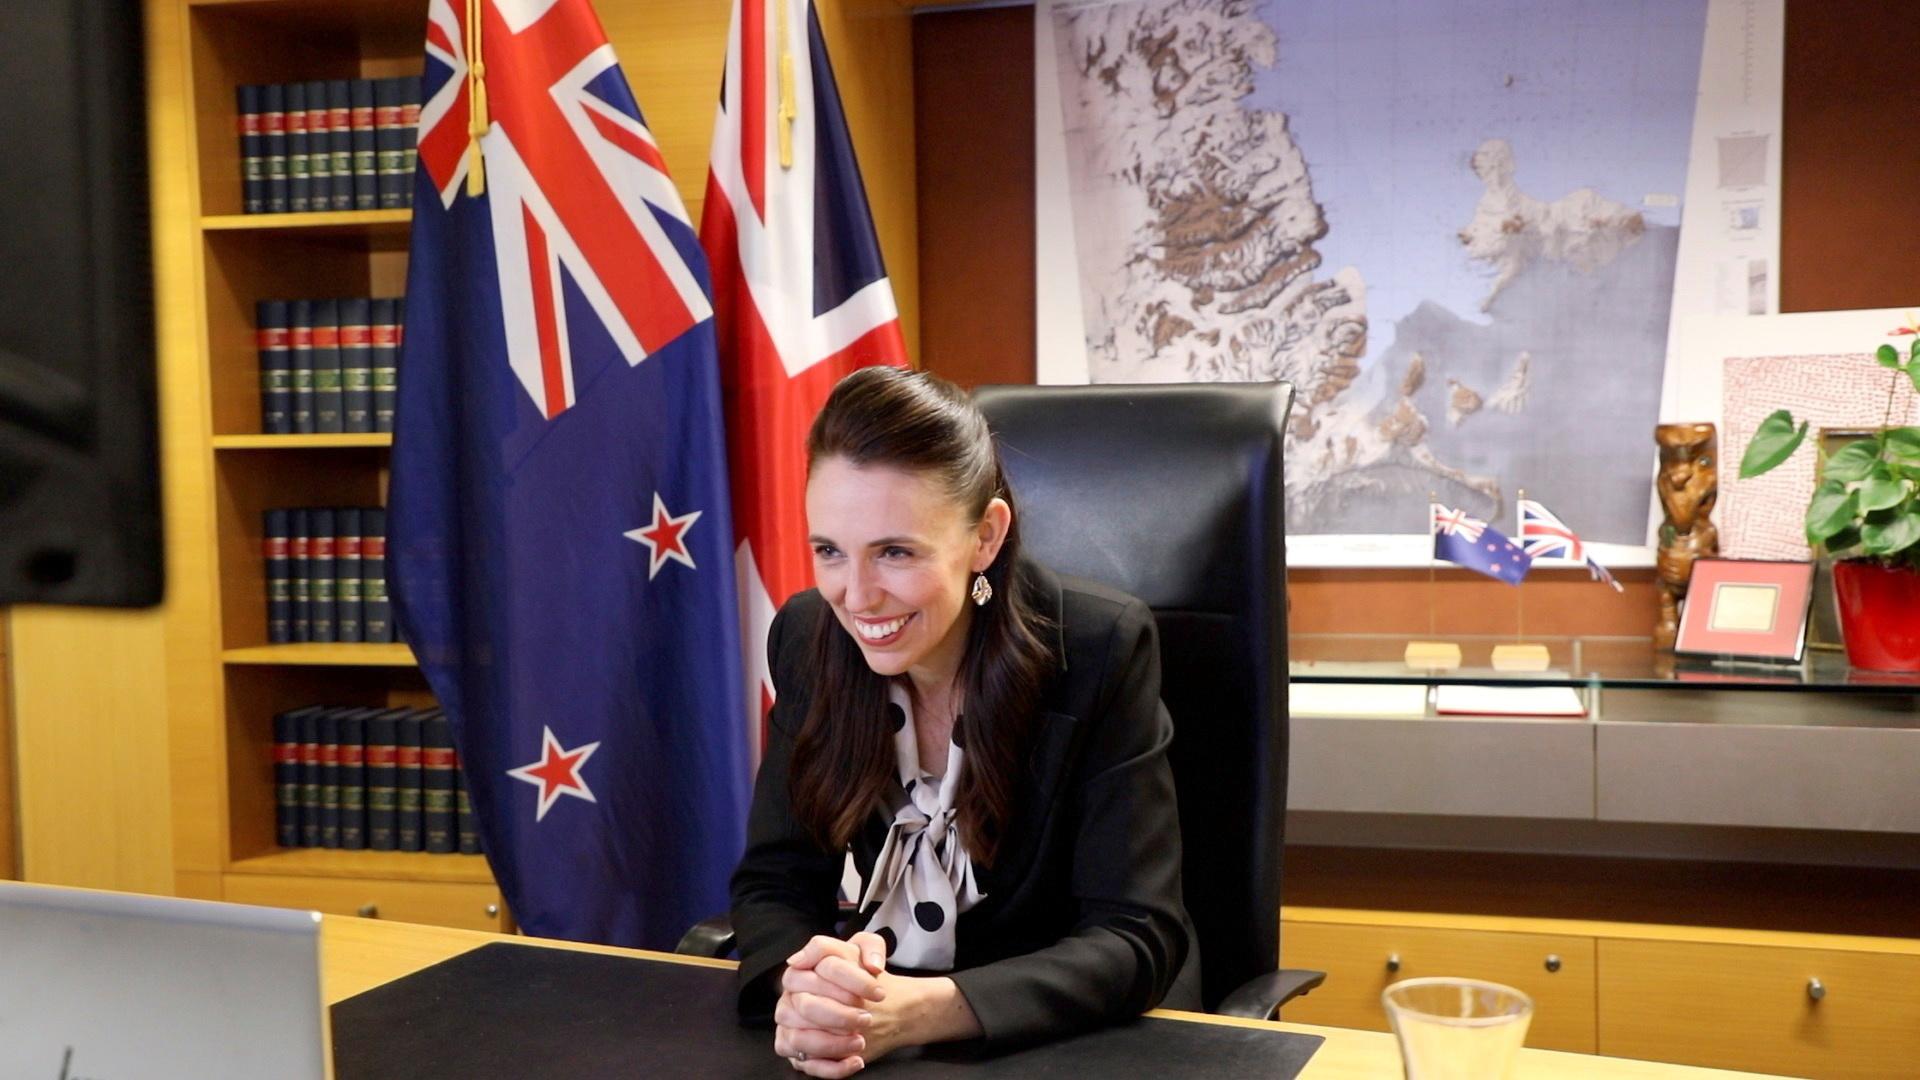 نيوزيلندا.. رئيسة الوزراء تواصل مؤتمرها الصحفي رغم وقوع هزة أرضية (فيديو)